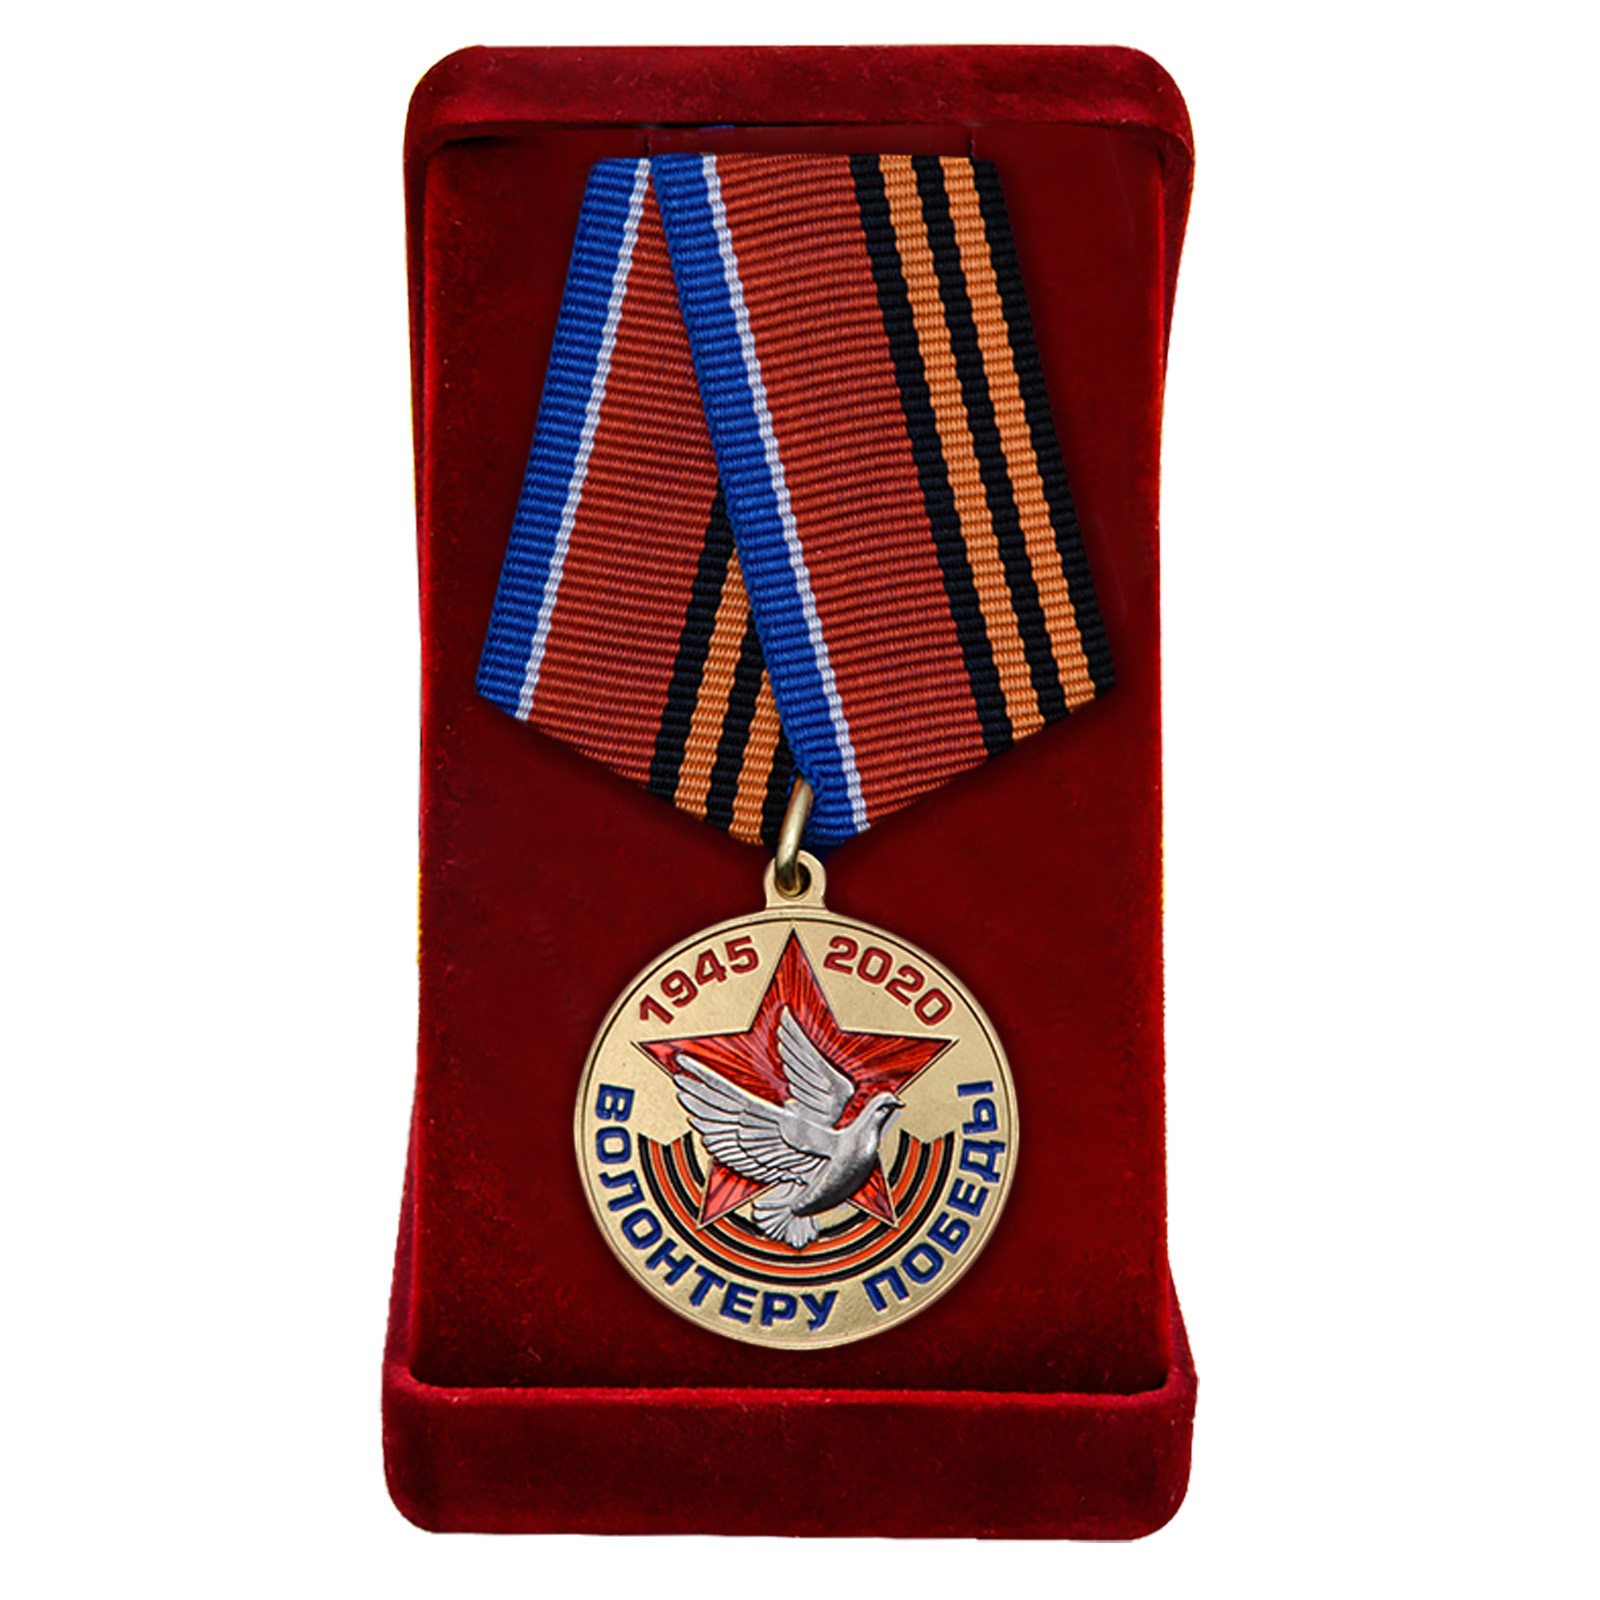 Купить памятную медаль Волонтеру Победы по экономичной цене